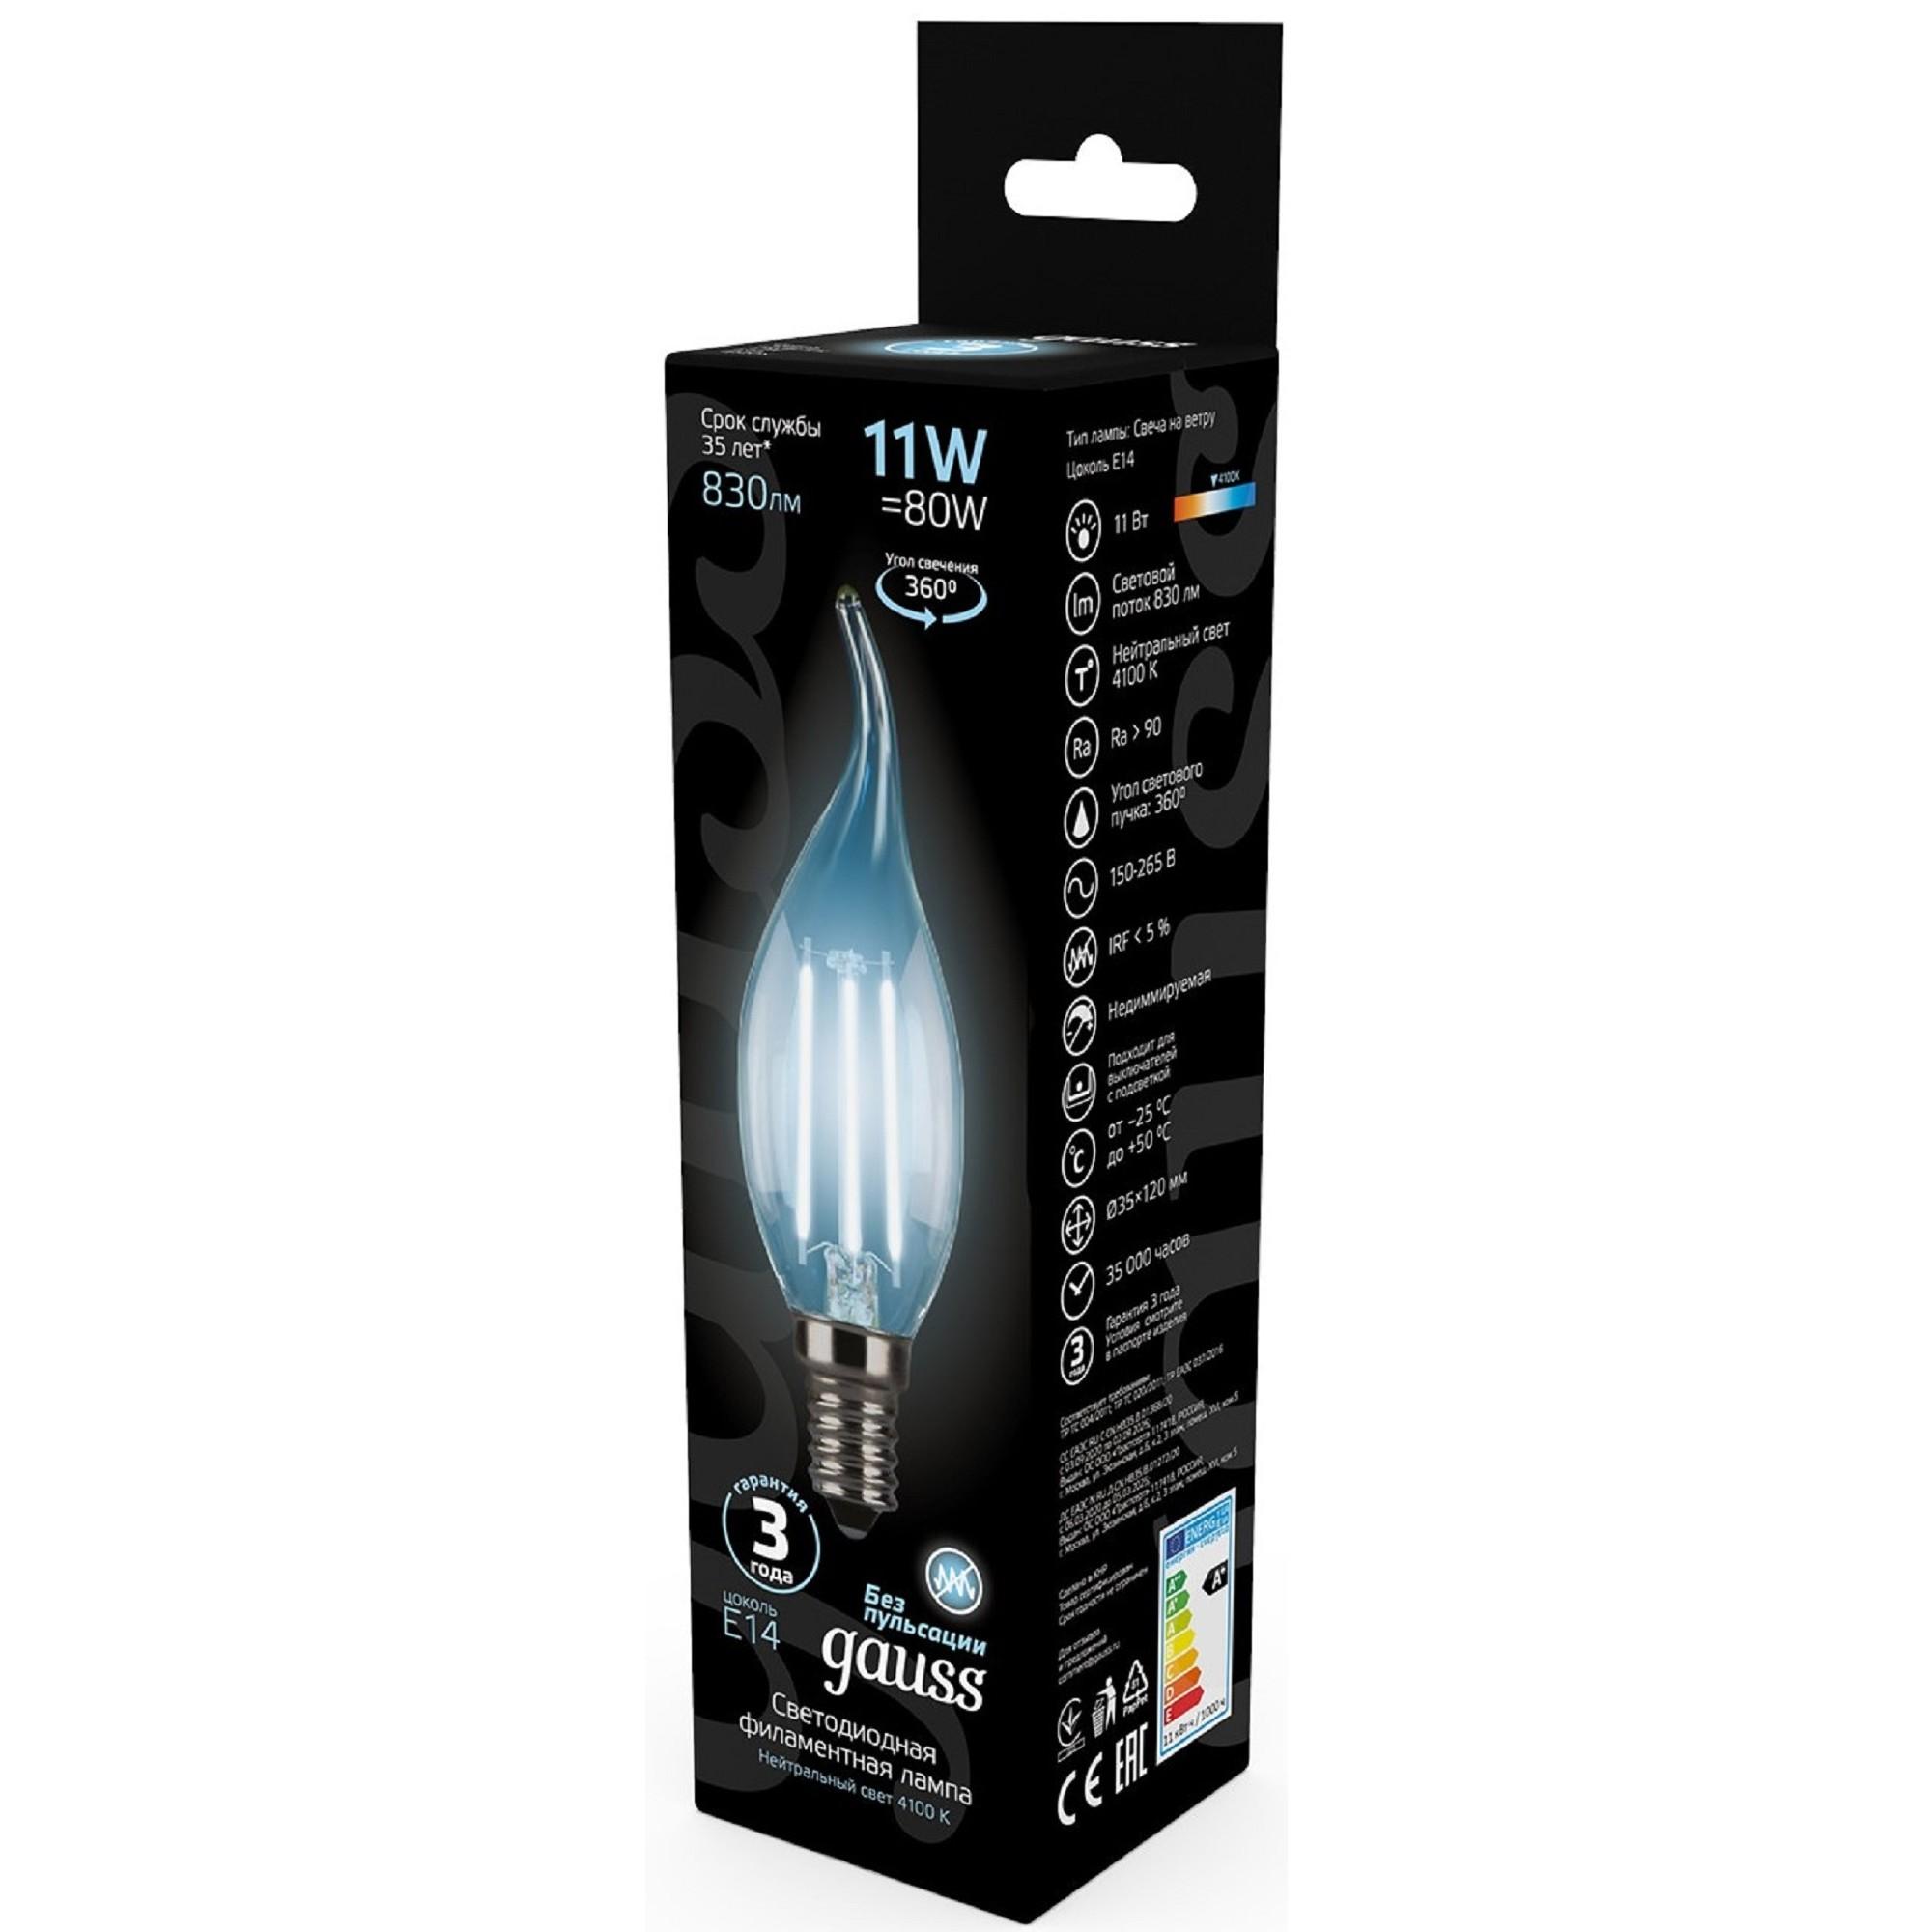 Лампа светодиодная Gauss LED Filament E14 11 Вт свеча на ветру прозрачная 750 лм нейтральный белый свет